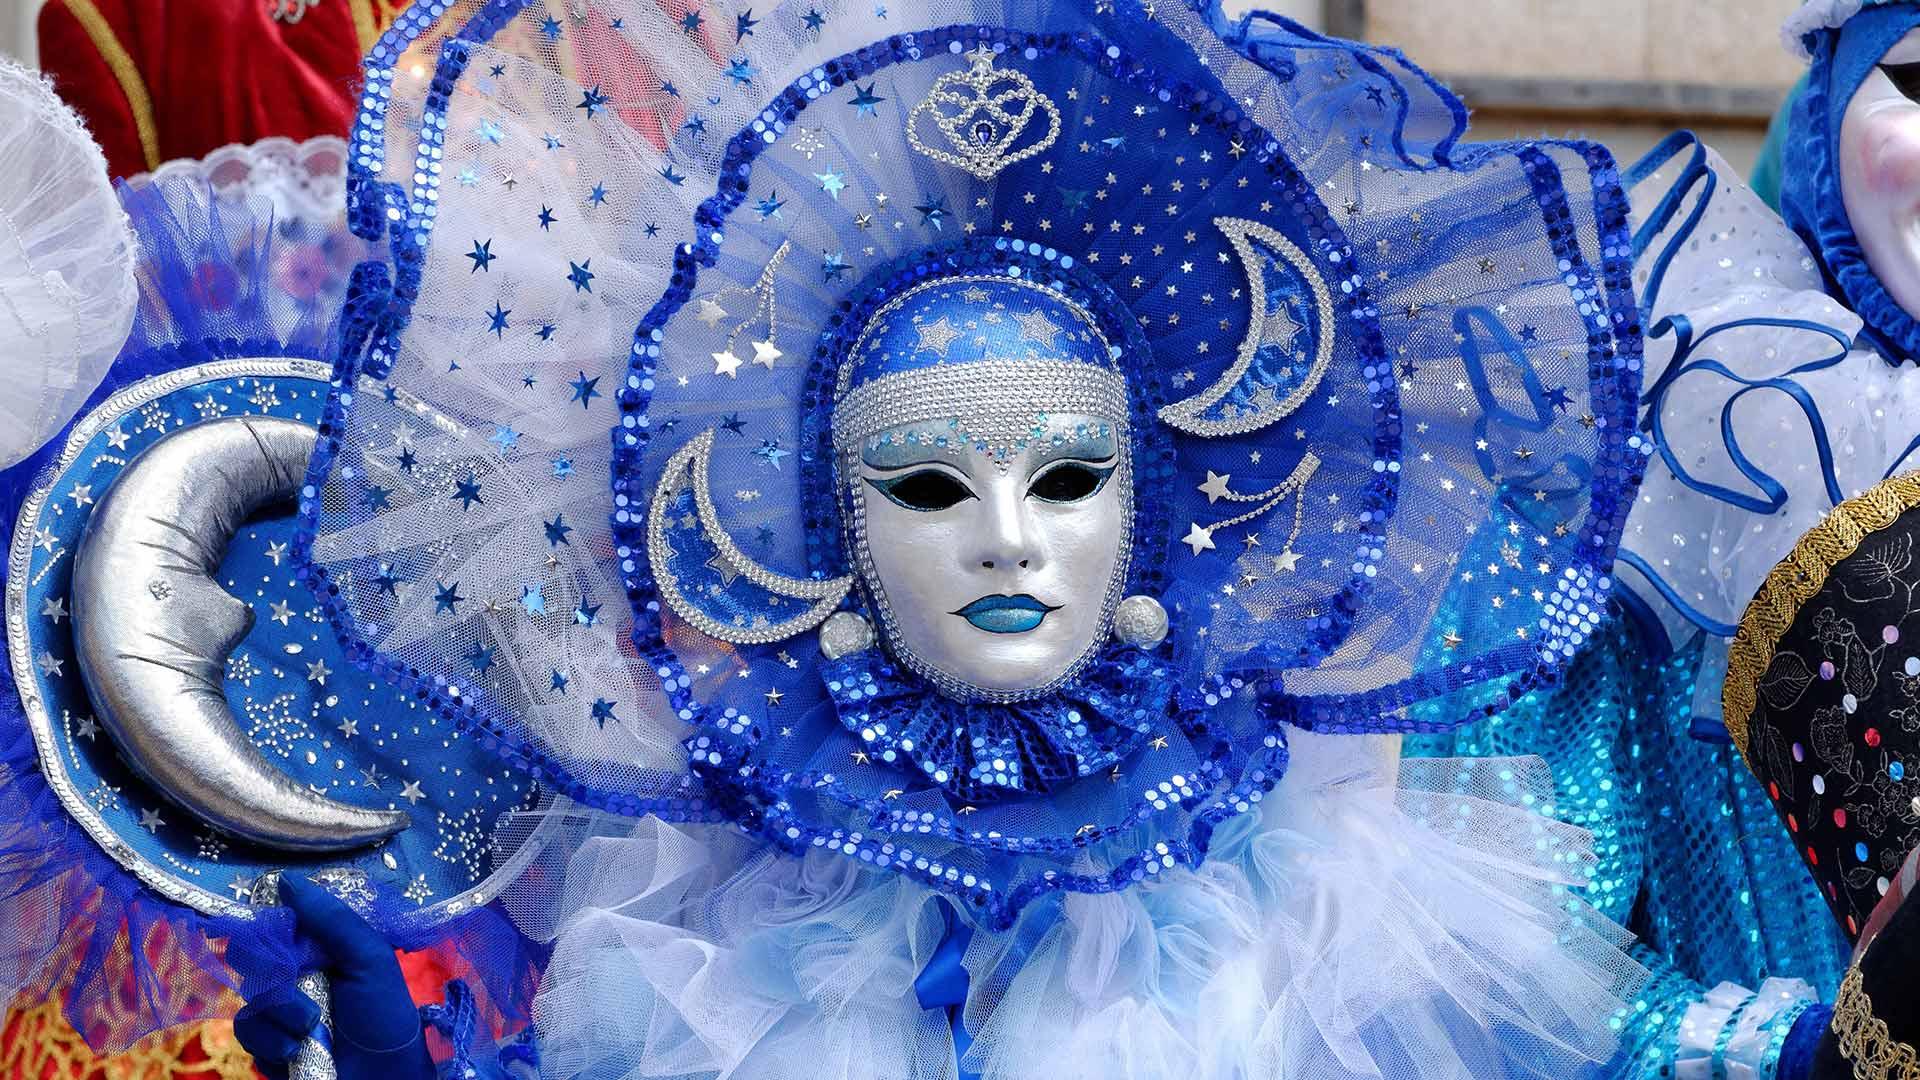 Masque vénitien lors du carnaval vénitien de Mayenne pour Mardi gras, Loire (© Joel Douillet/Alamy Stock Photo)(Bing France)